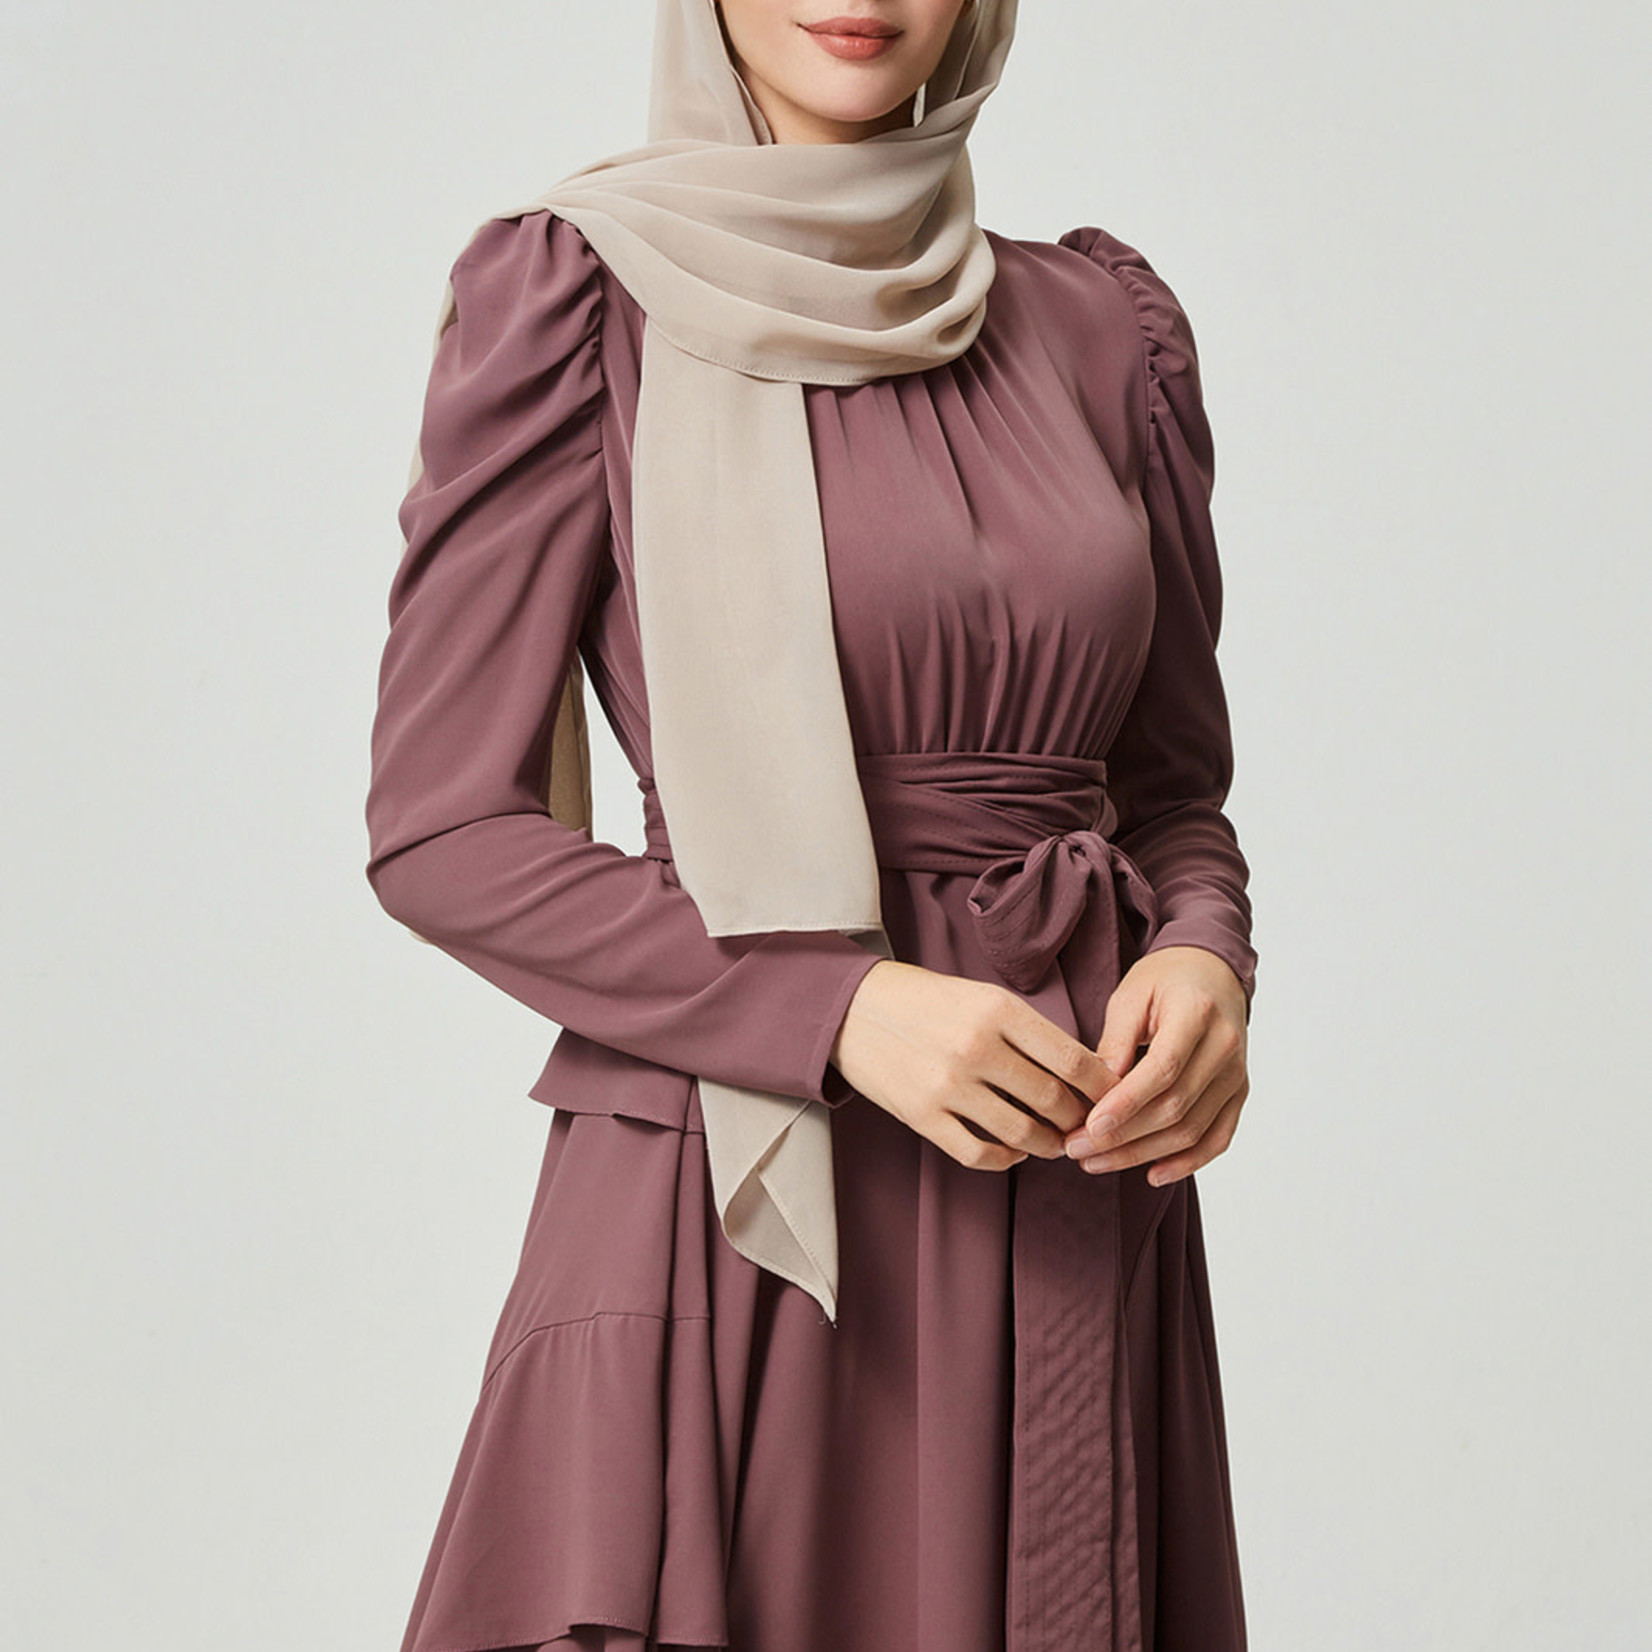 Hijab House Heather Draped Dress